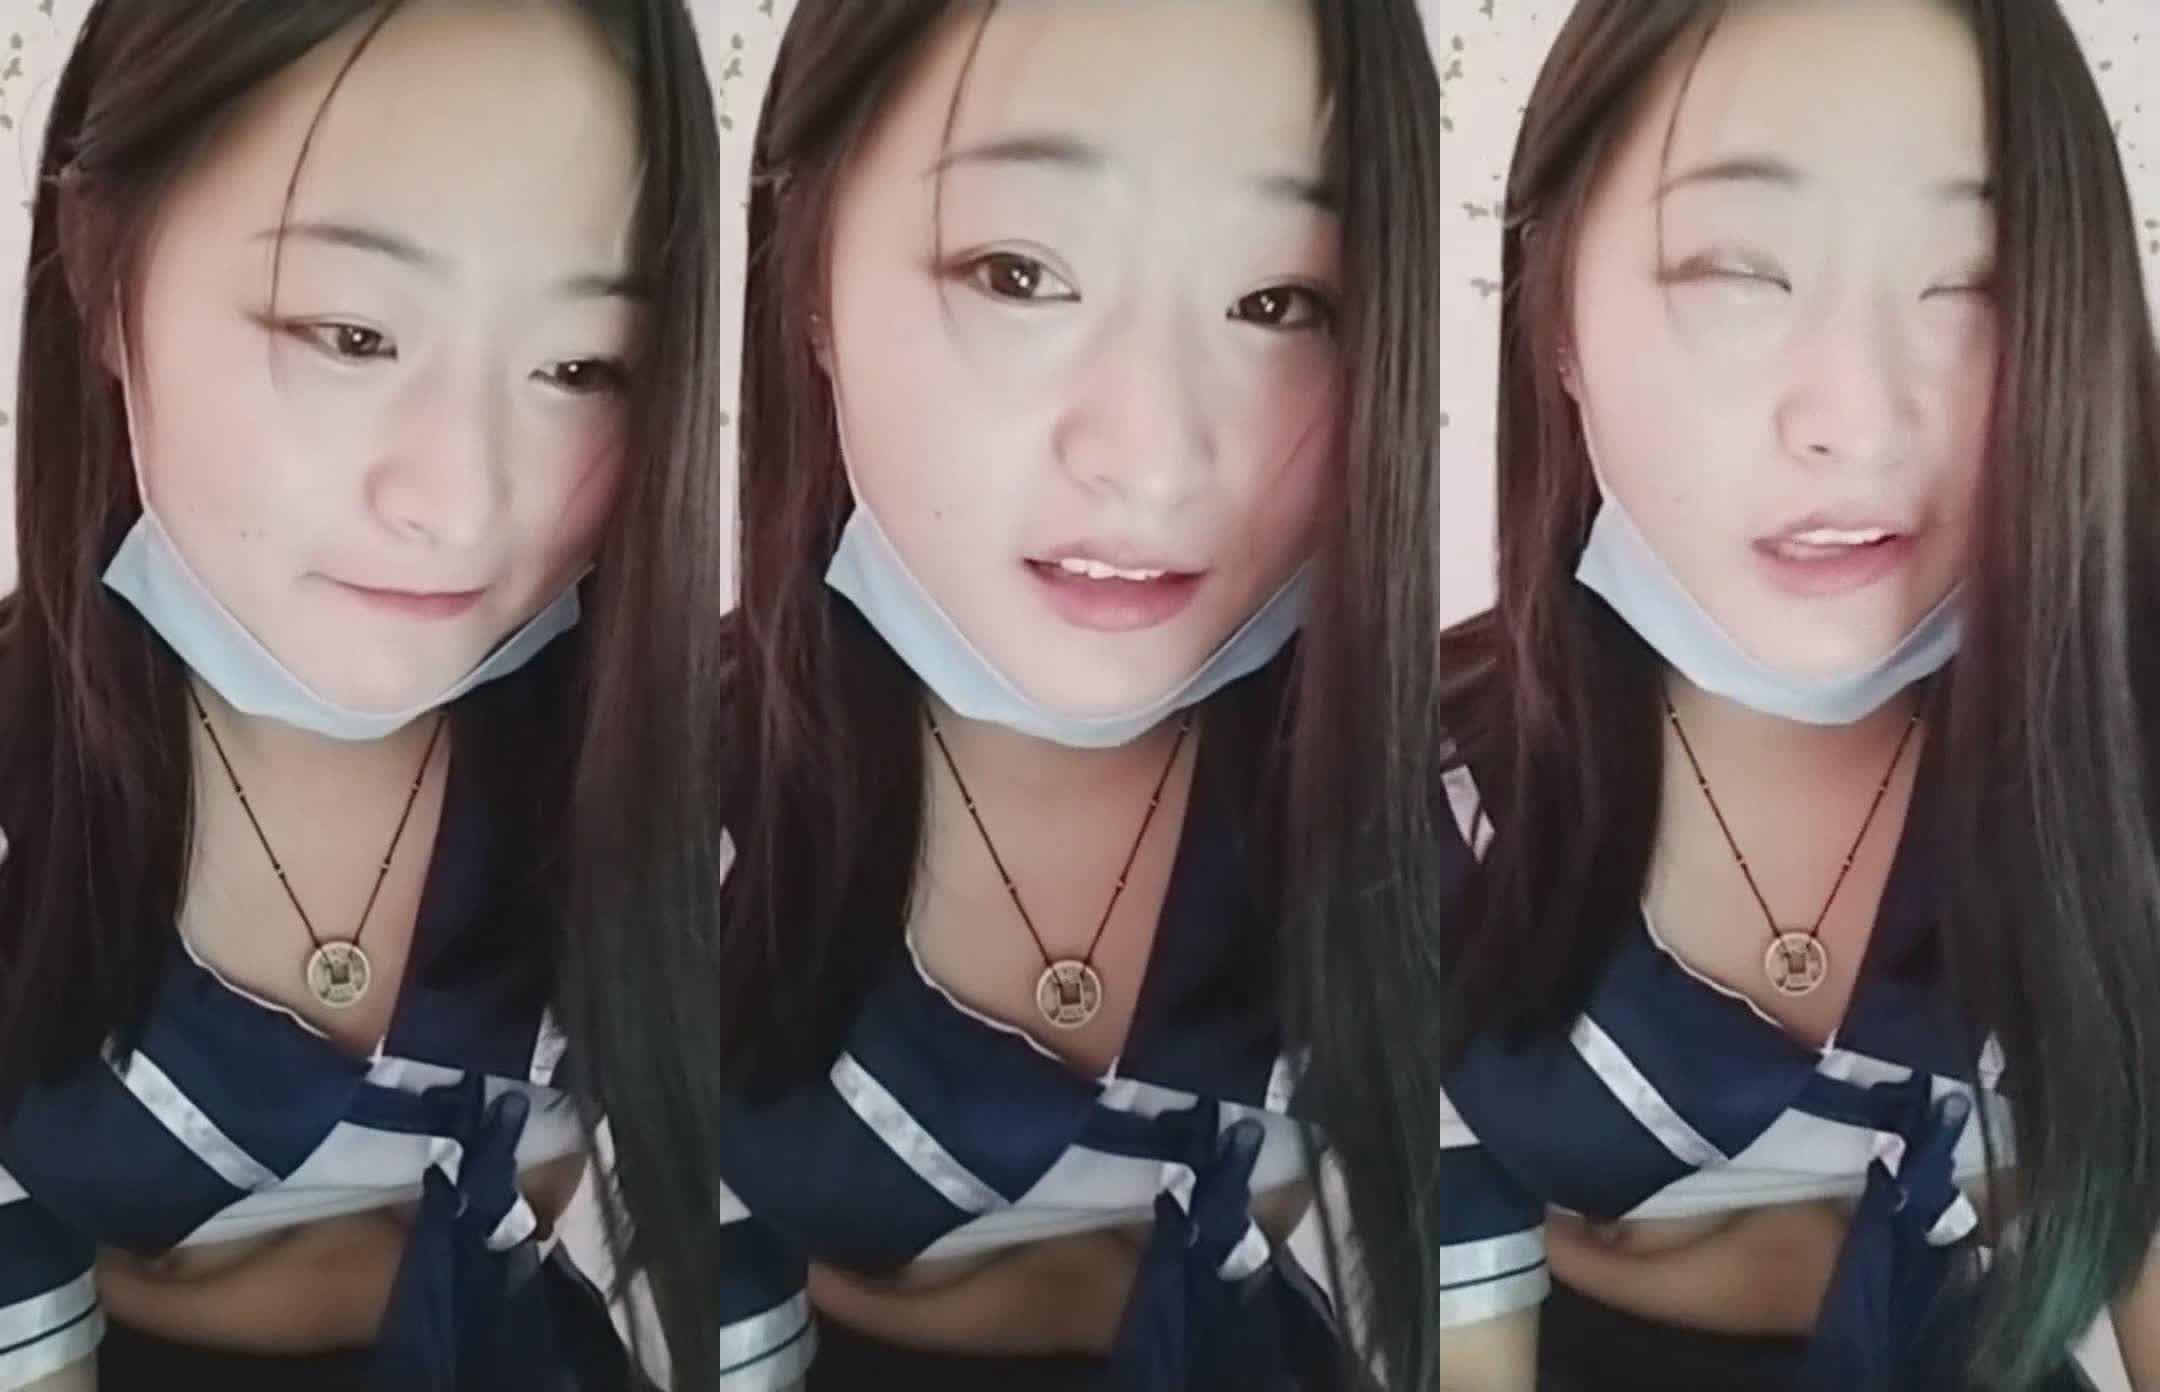 漂亮妹子学生制服漏奶漏逼尿尿 真心的收藏视频